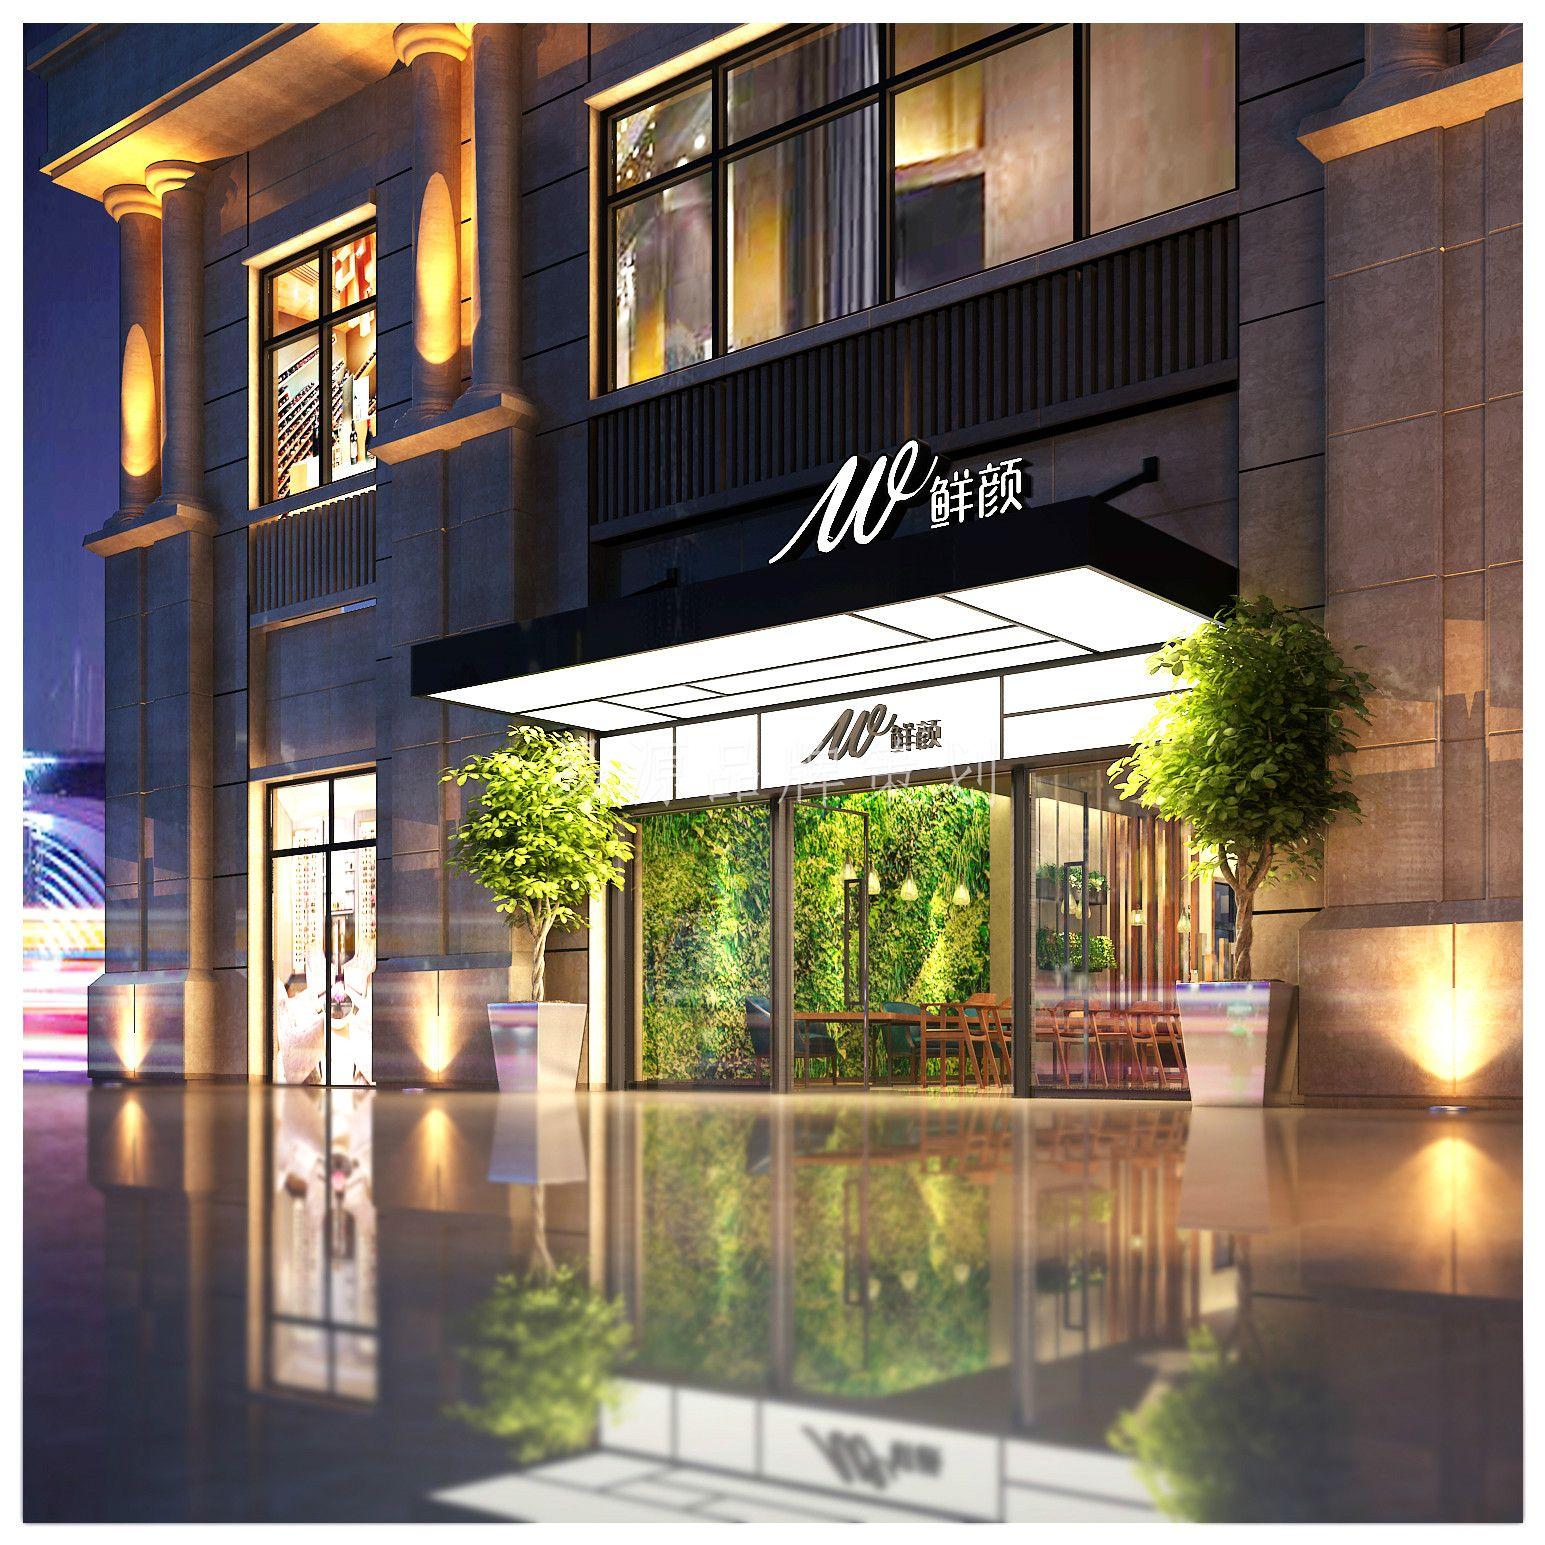 广州餐饮设计哪家好 广州餐饮设计案例